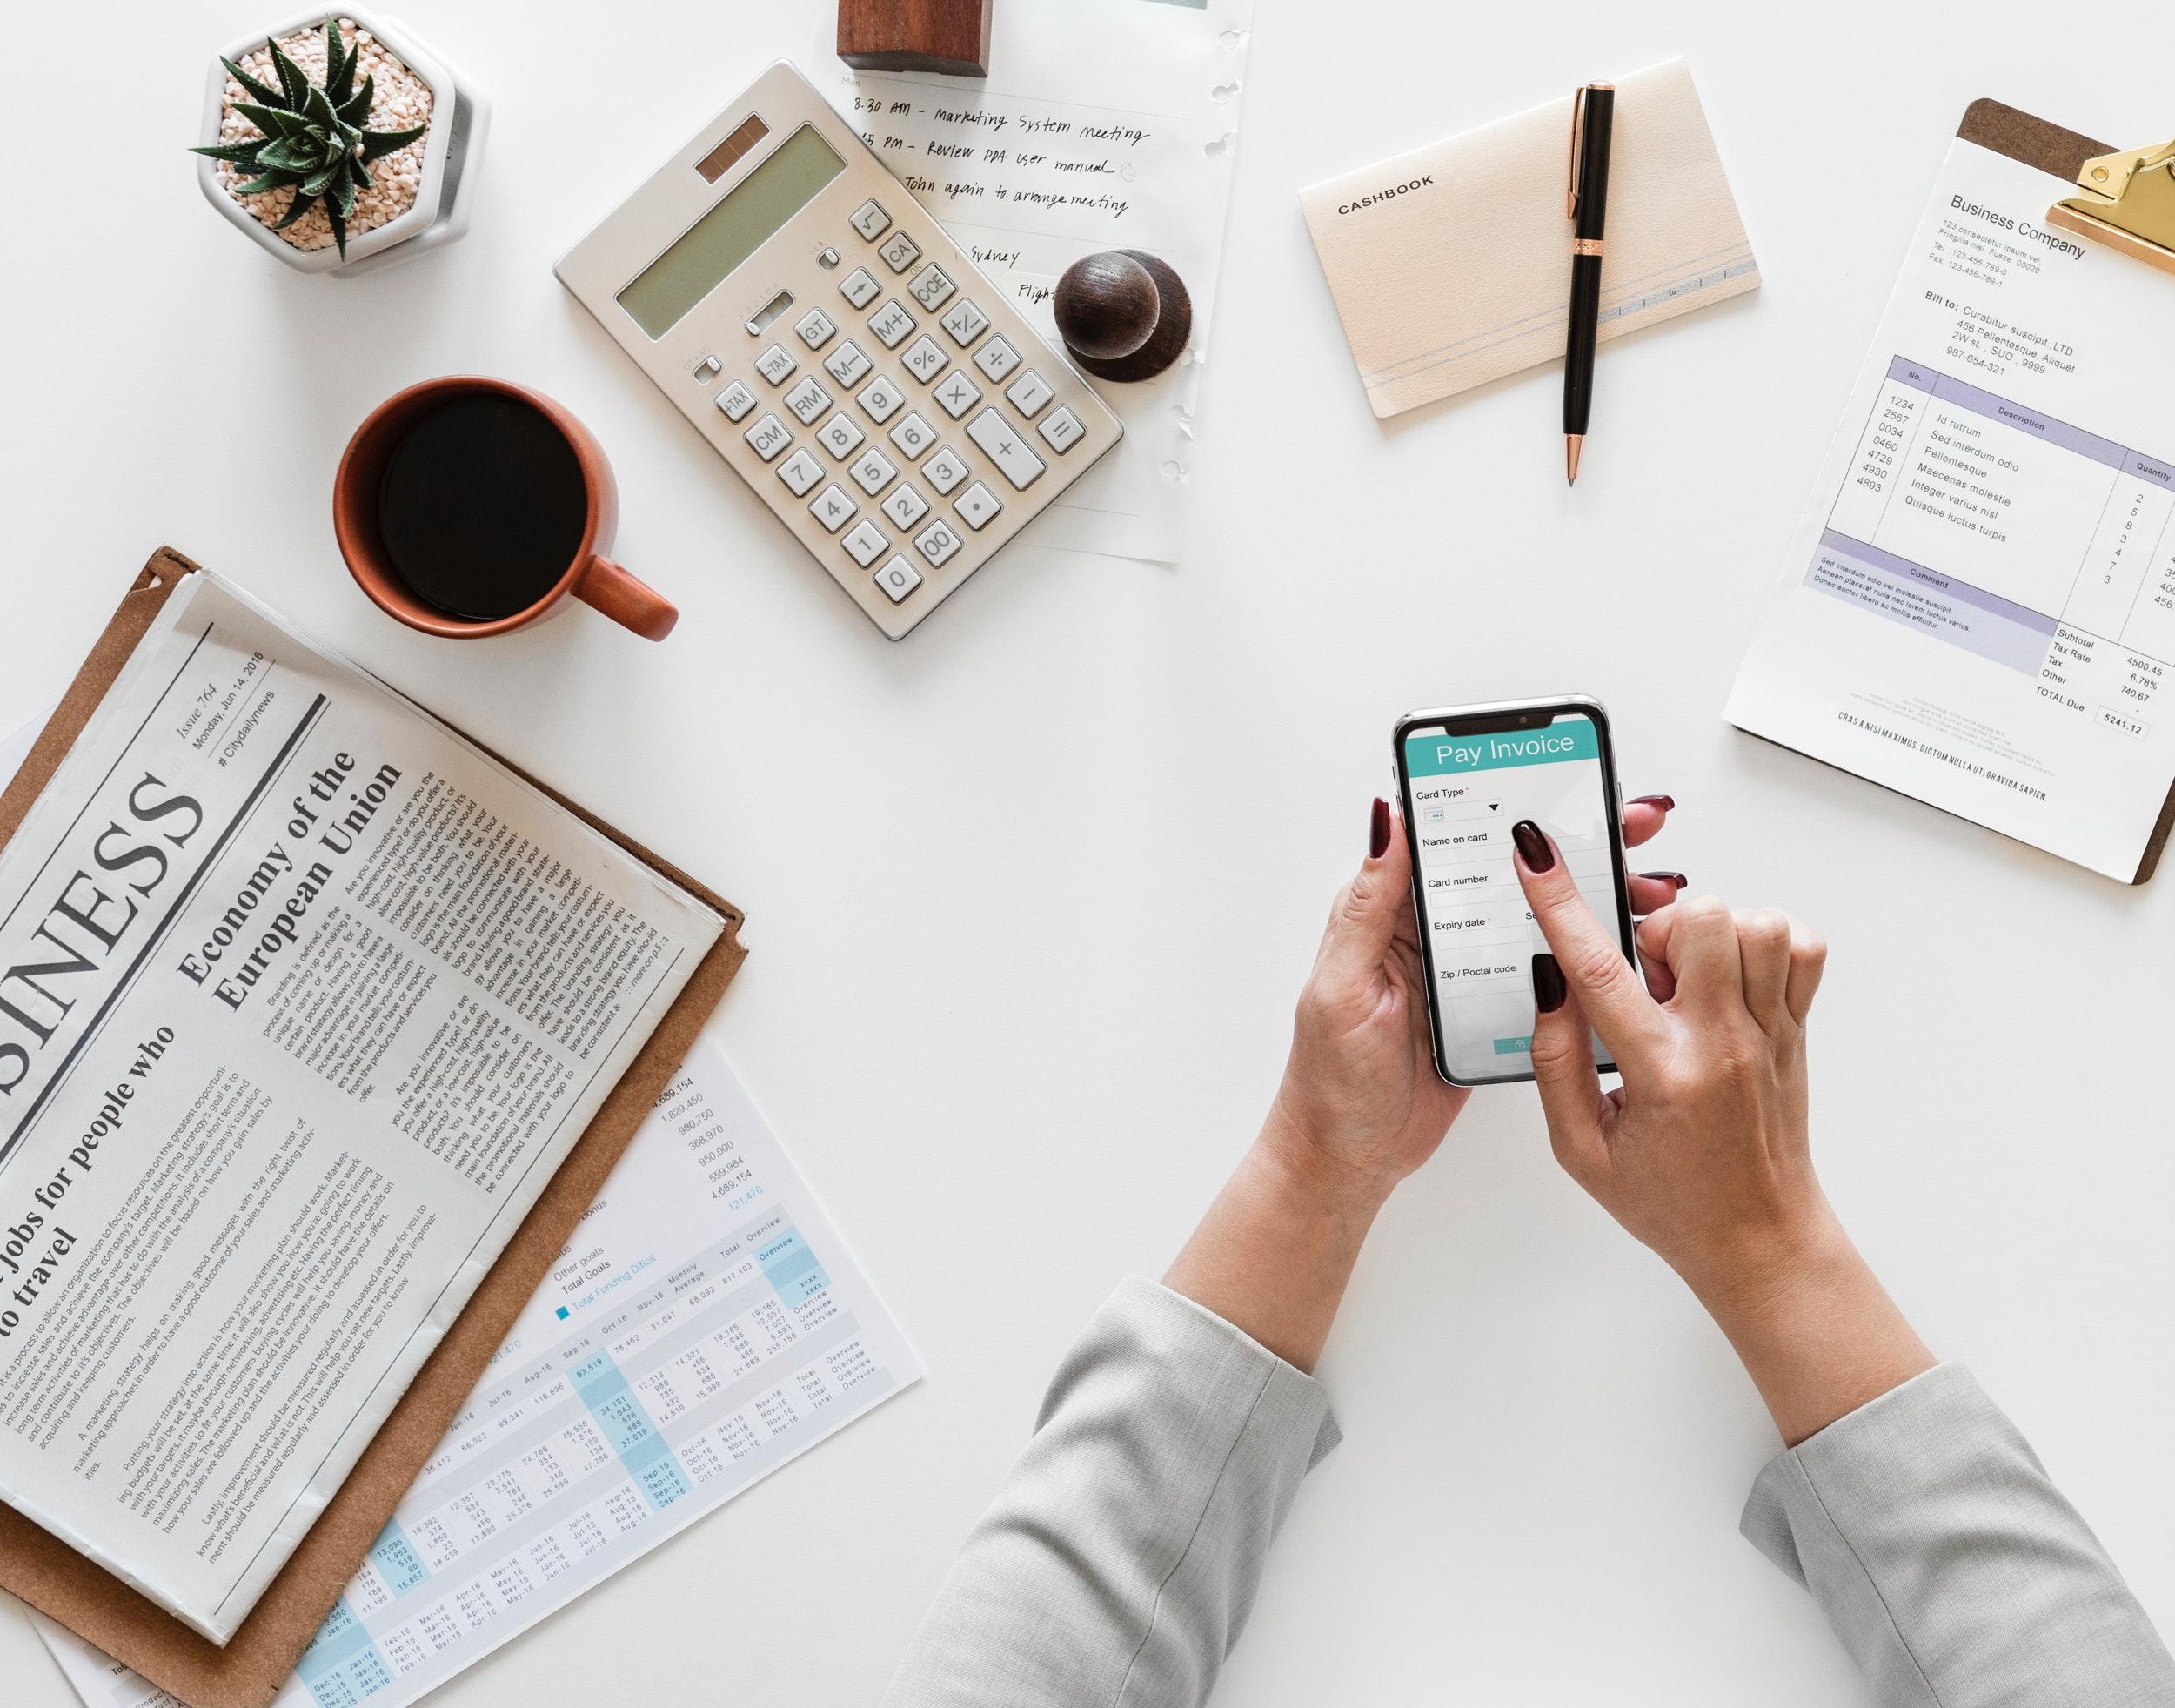 Isenção de imposto de renda: veja quais empresas têm esse direito